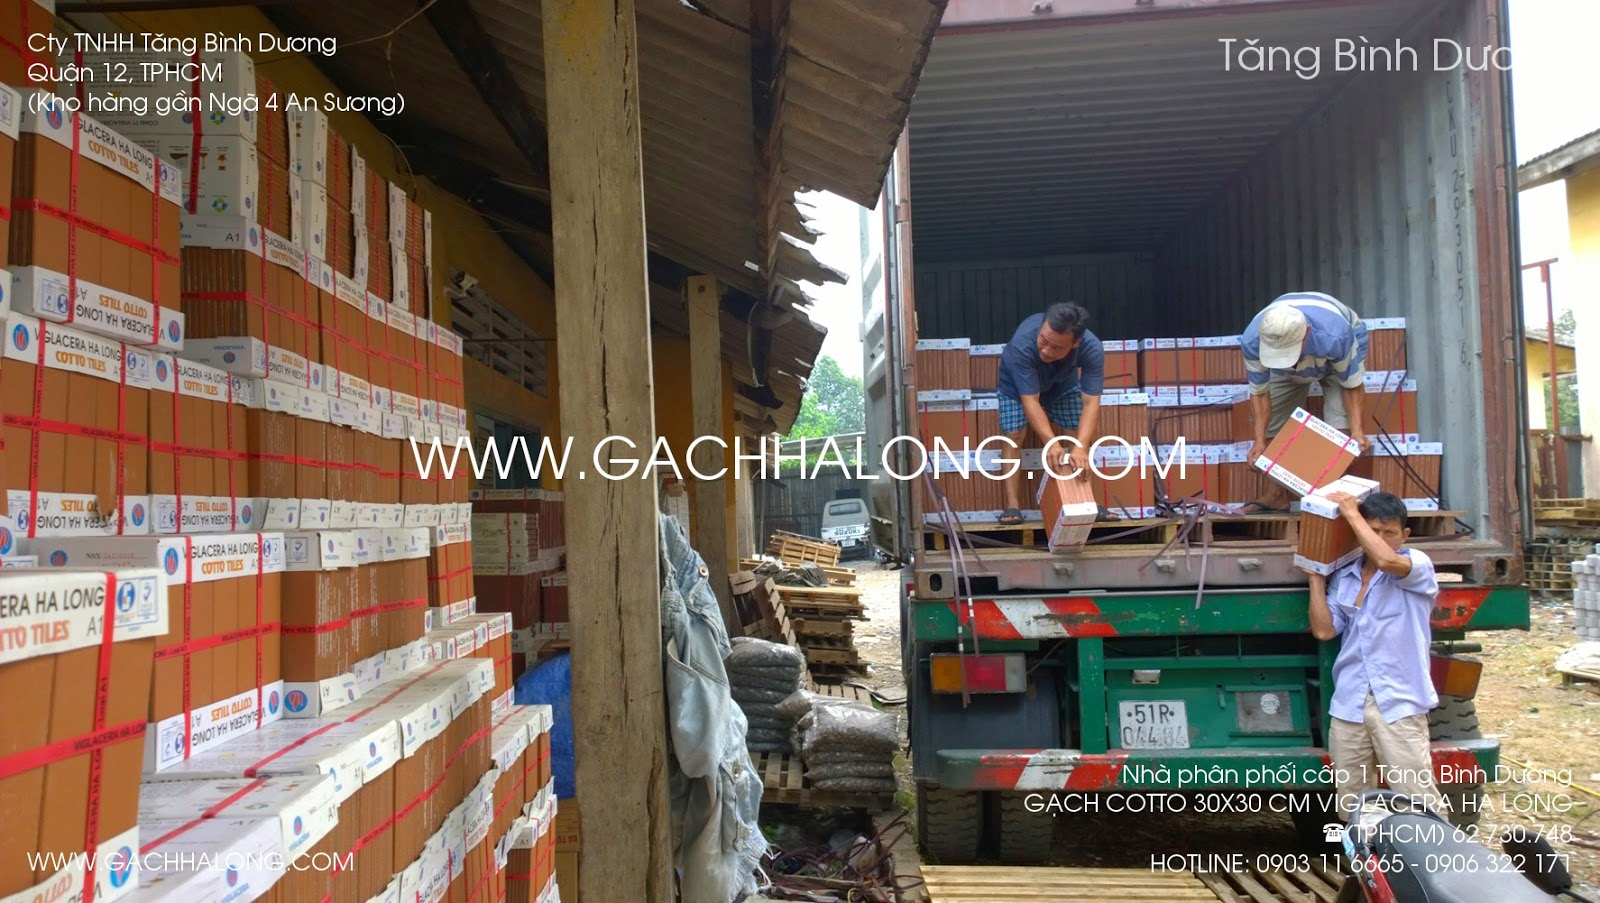 xe container cho gach tau ha long